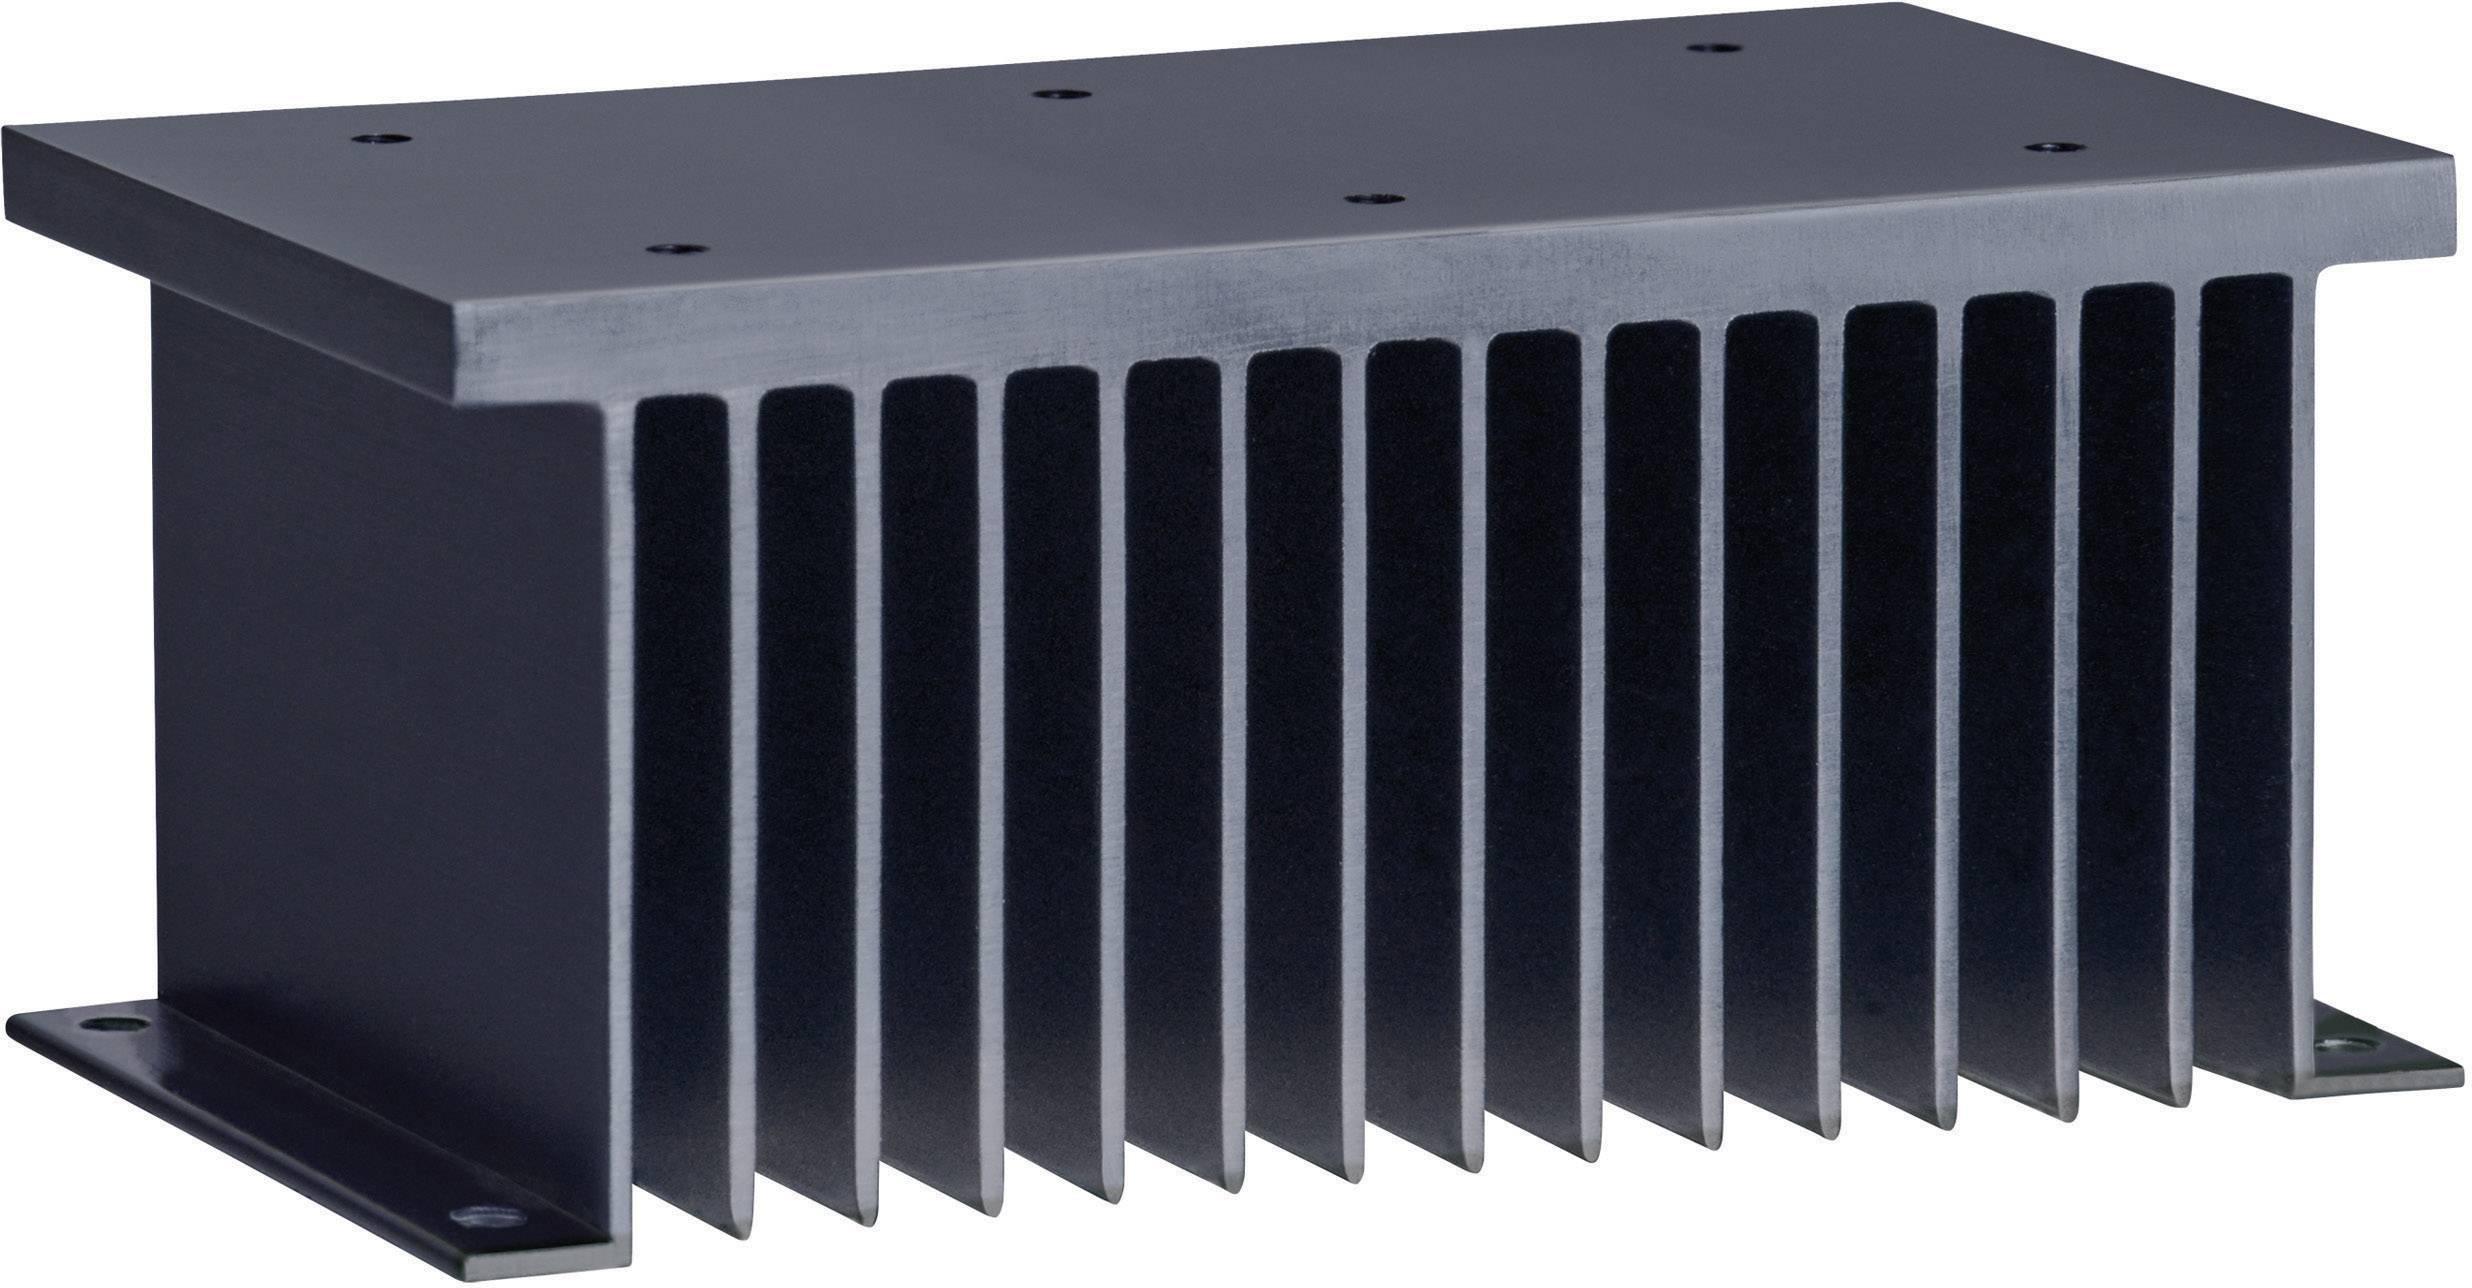 Chladič Crydom HS103, 1 K/W, (d x š x v) 132.1 x 76.2 x 60.2 mm